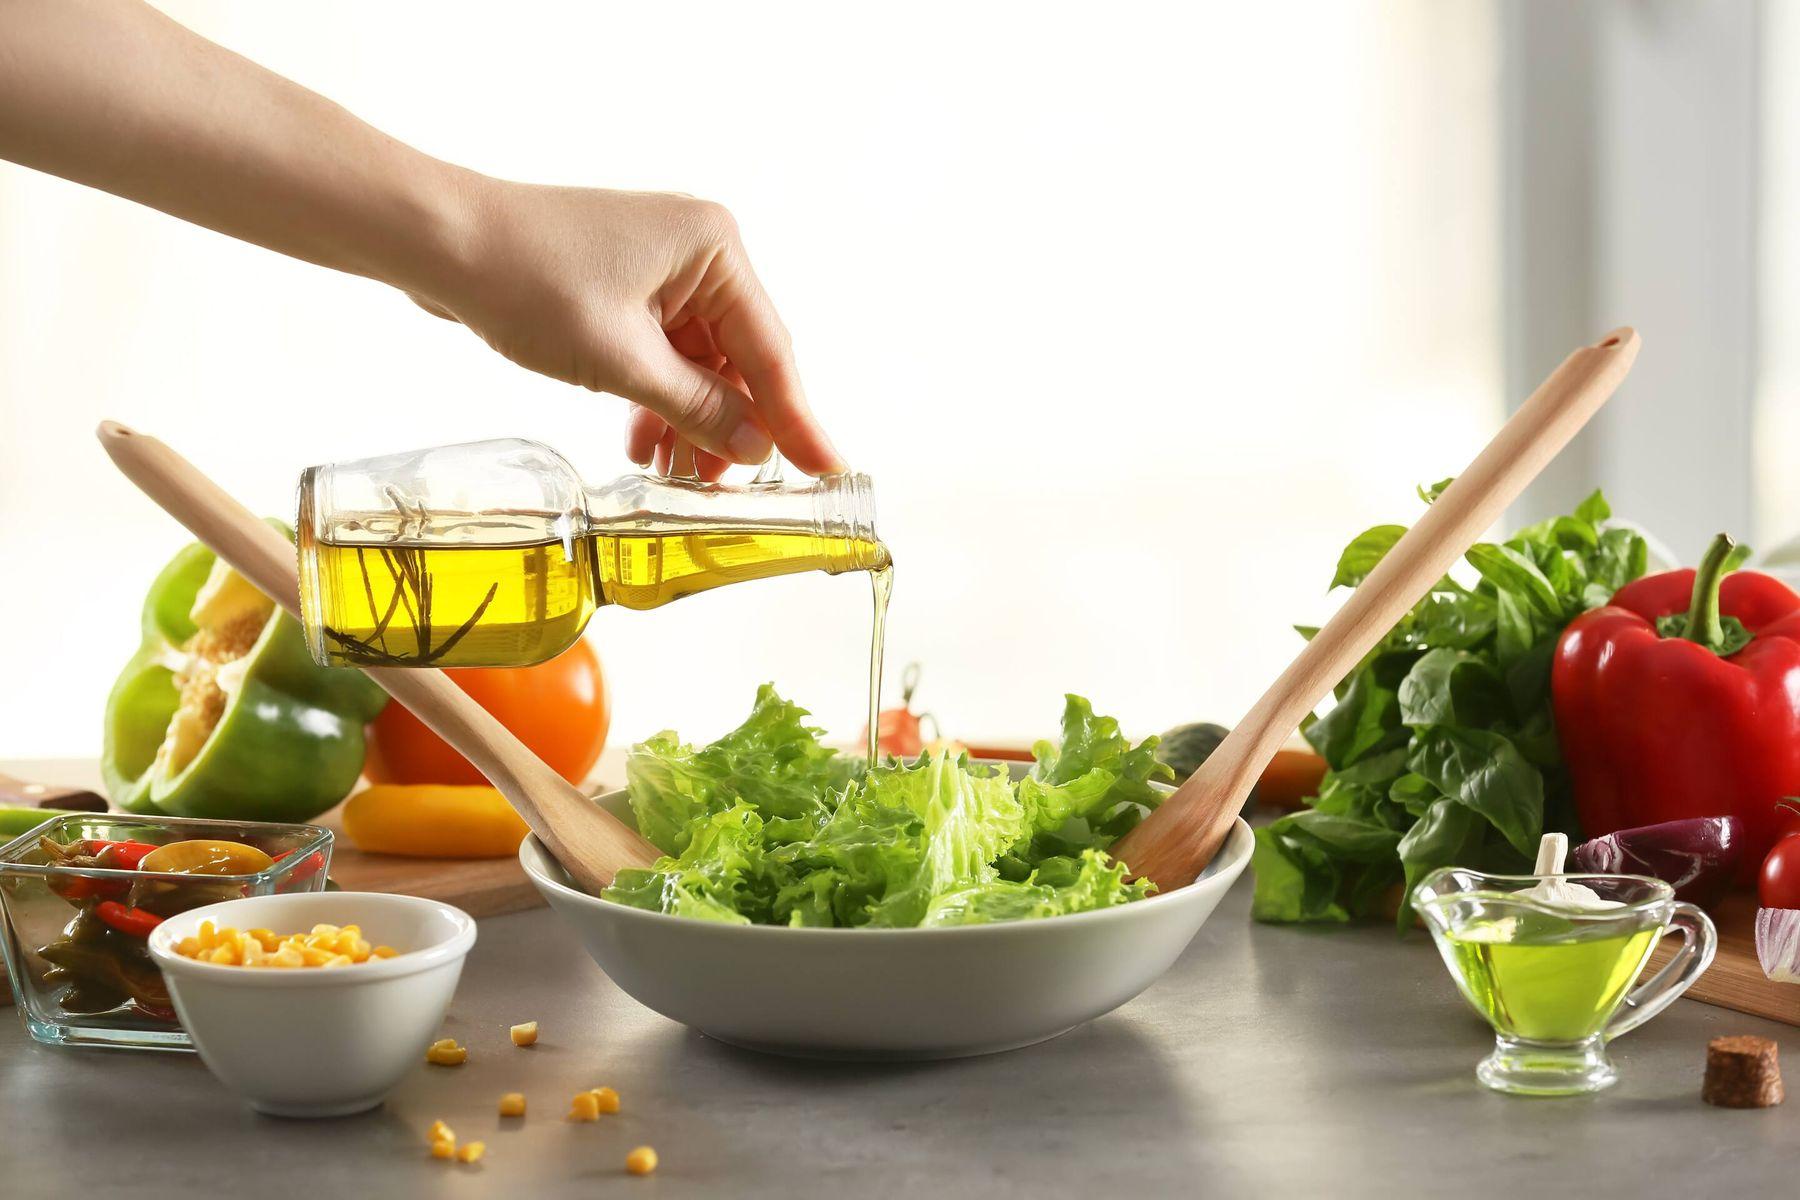 आपके घर के तेल के डिब्बे और कांच की बोतल को कैसे साफ़ करें | गेट सेट क्लीन